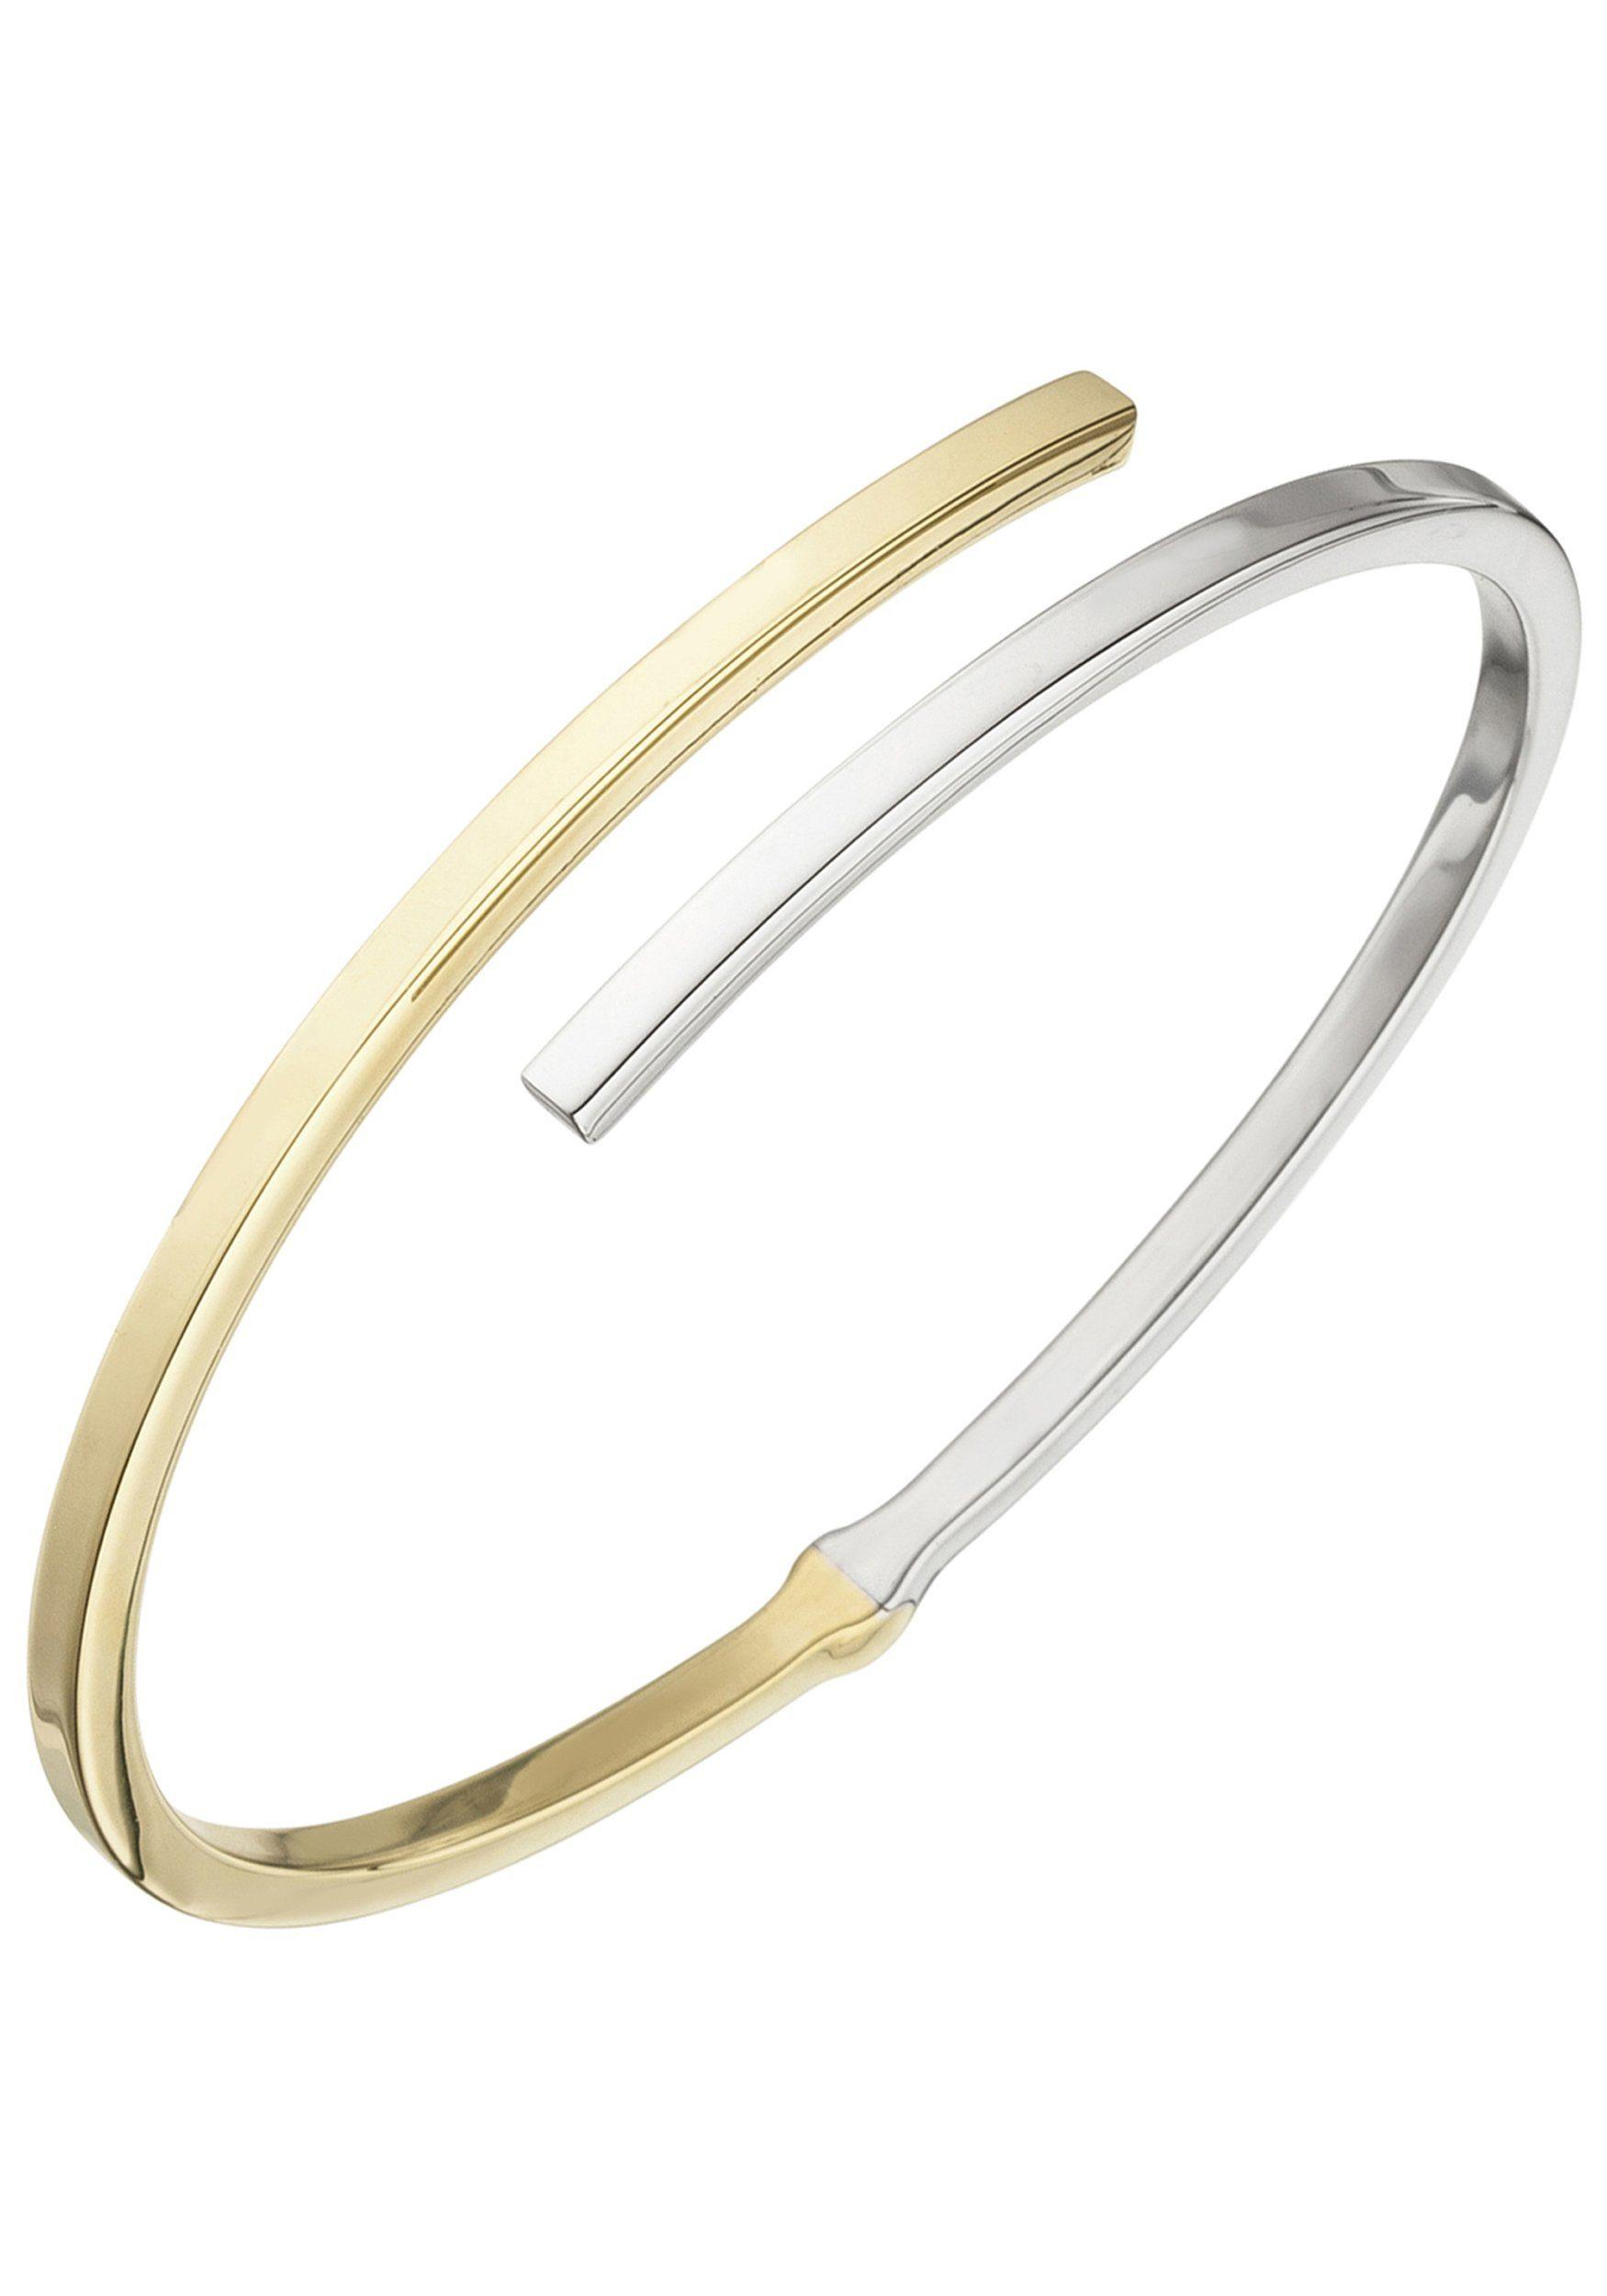 JOBO Armreif oval 925 Silber bicolor vergoldet